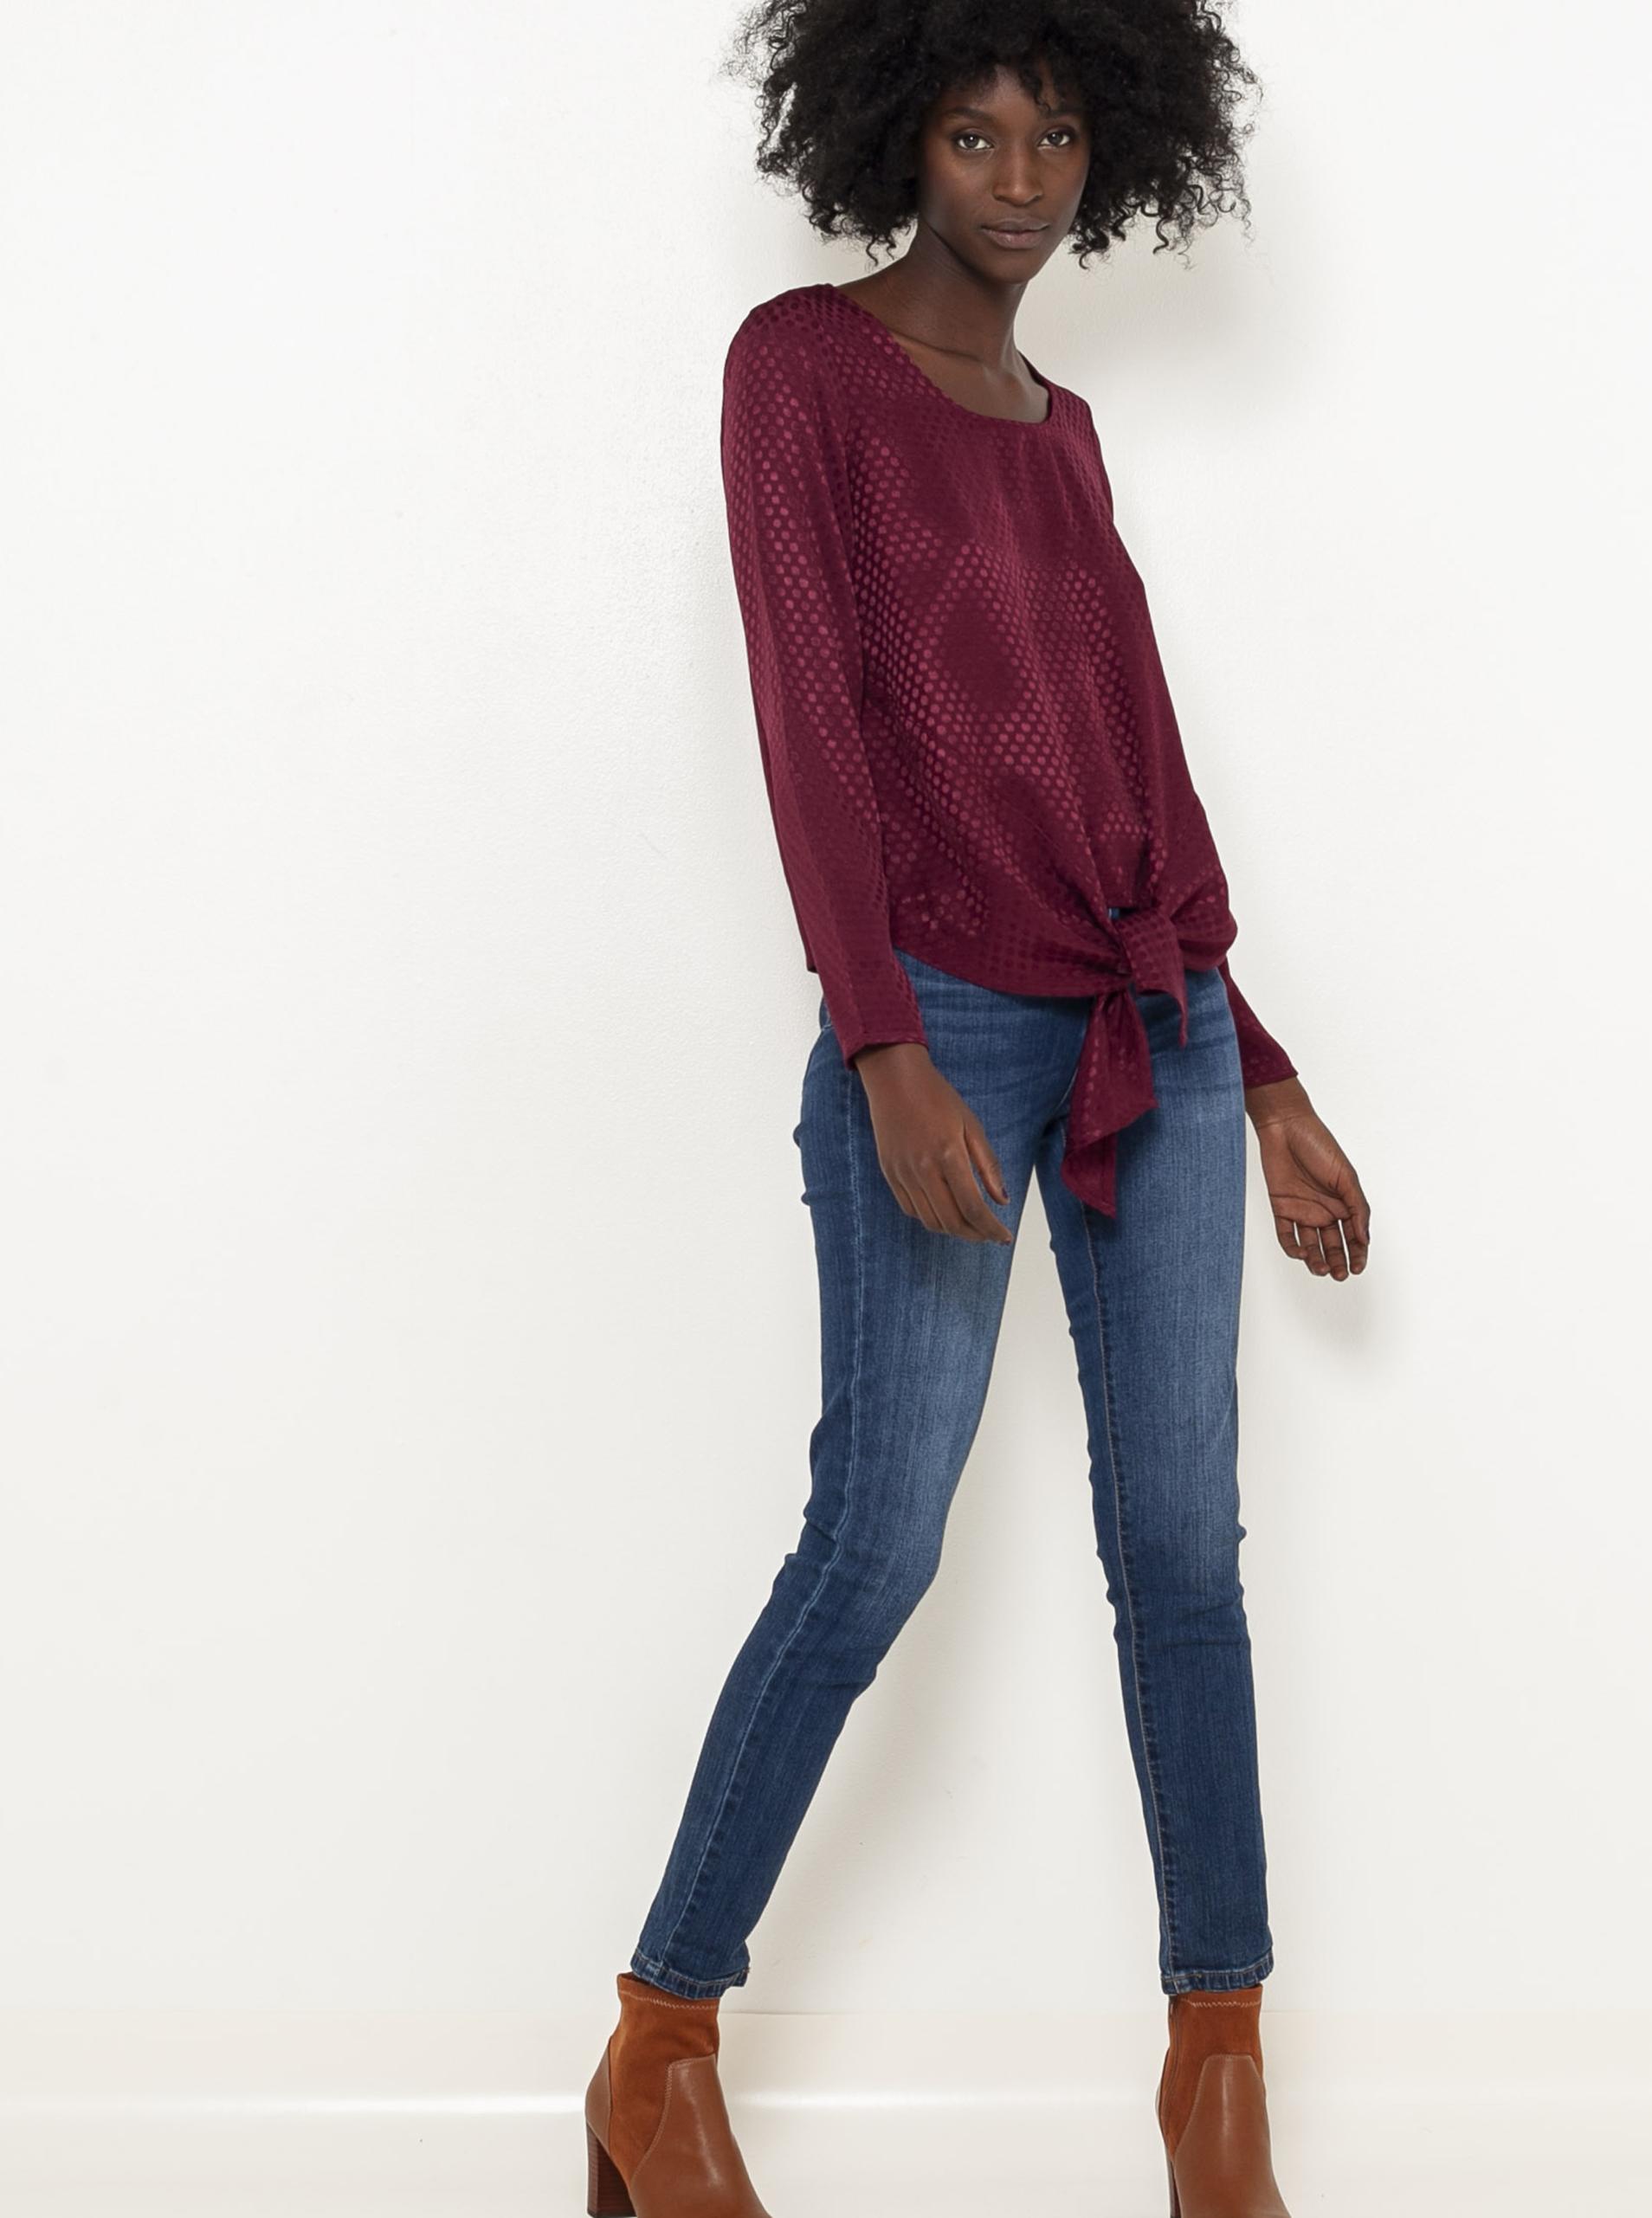 CAMAIEU wiśniowy/bordowy bluzka